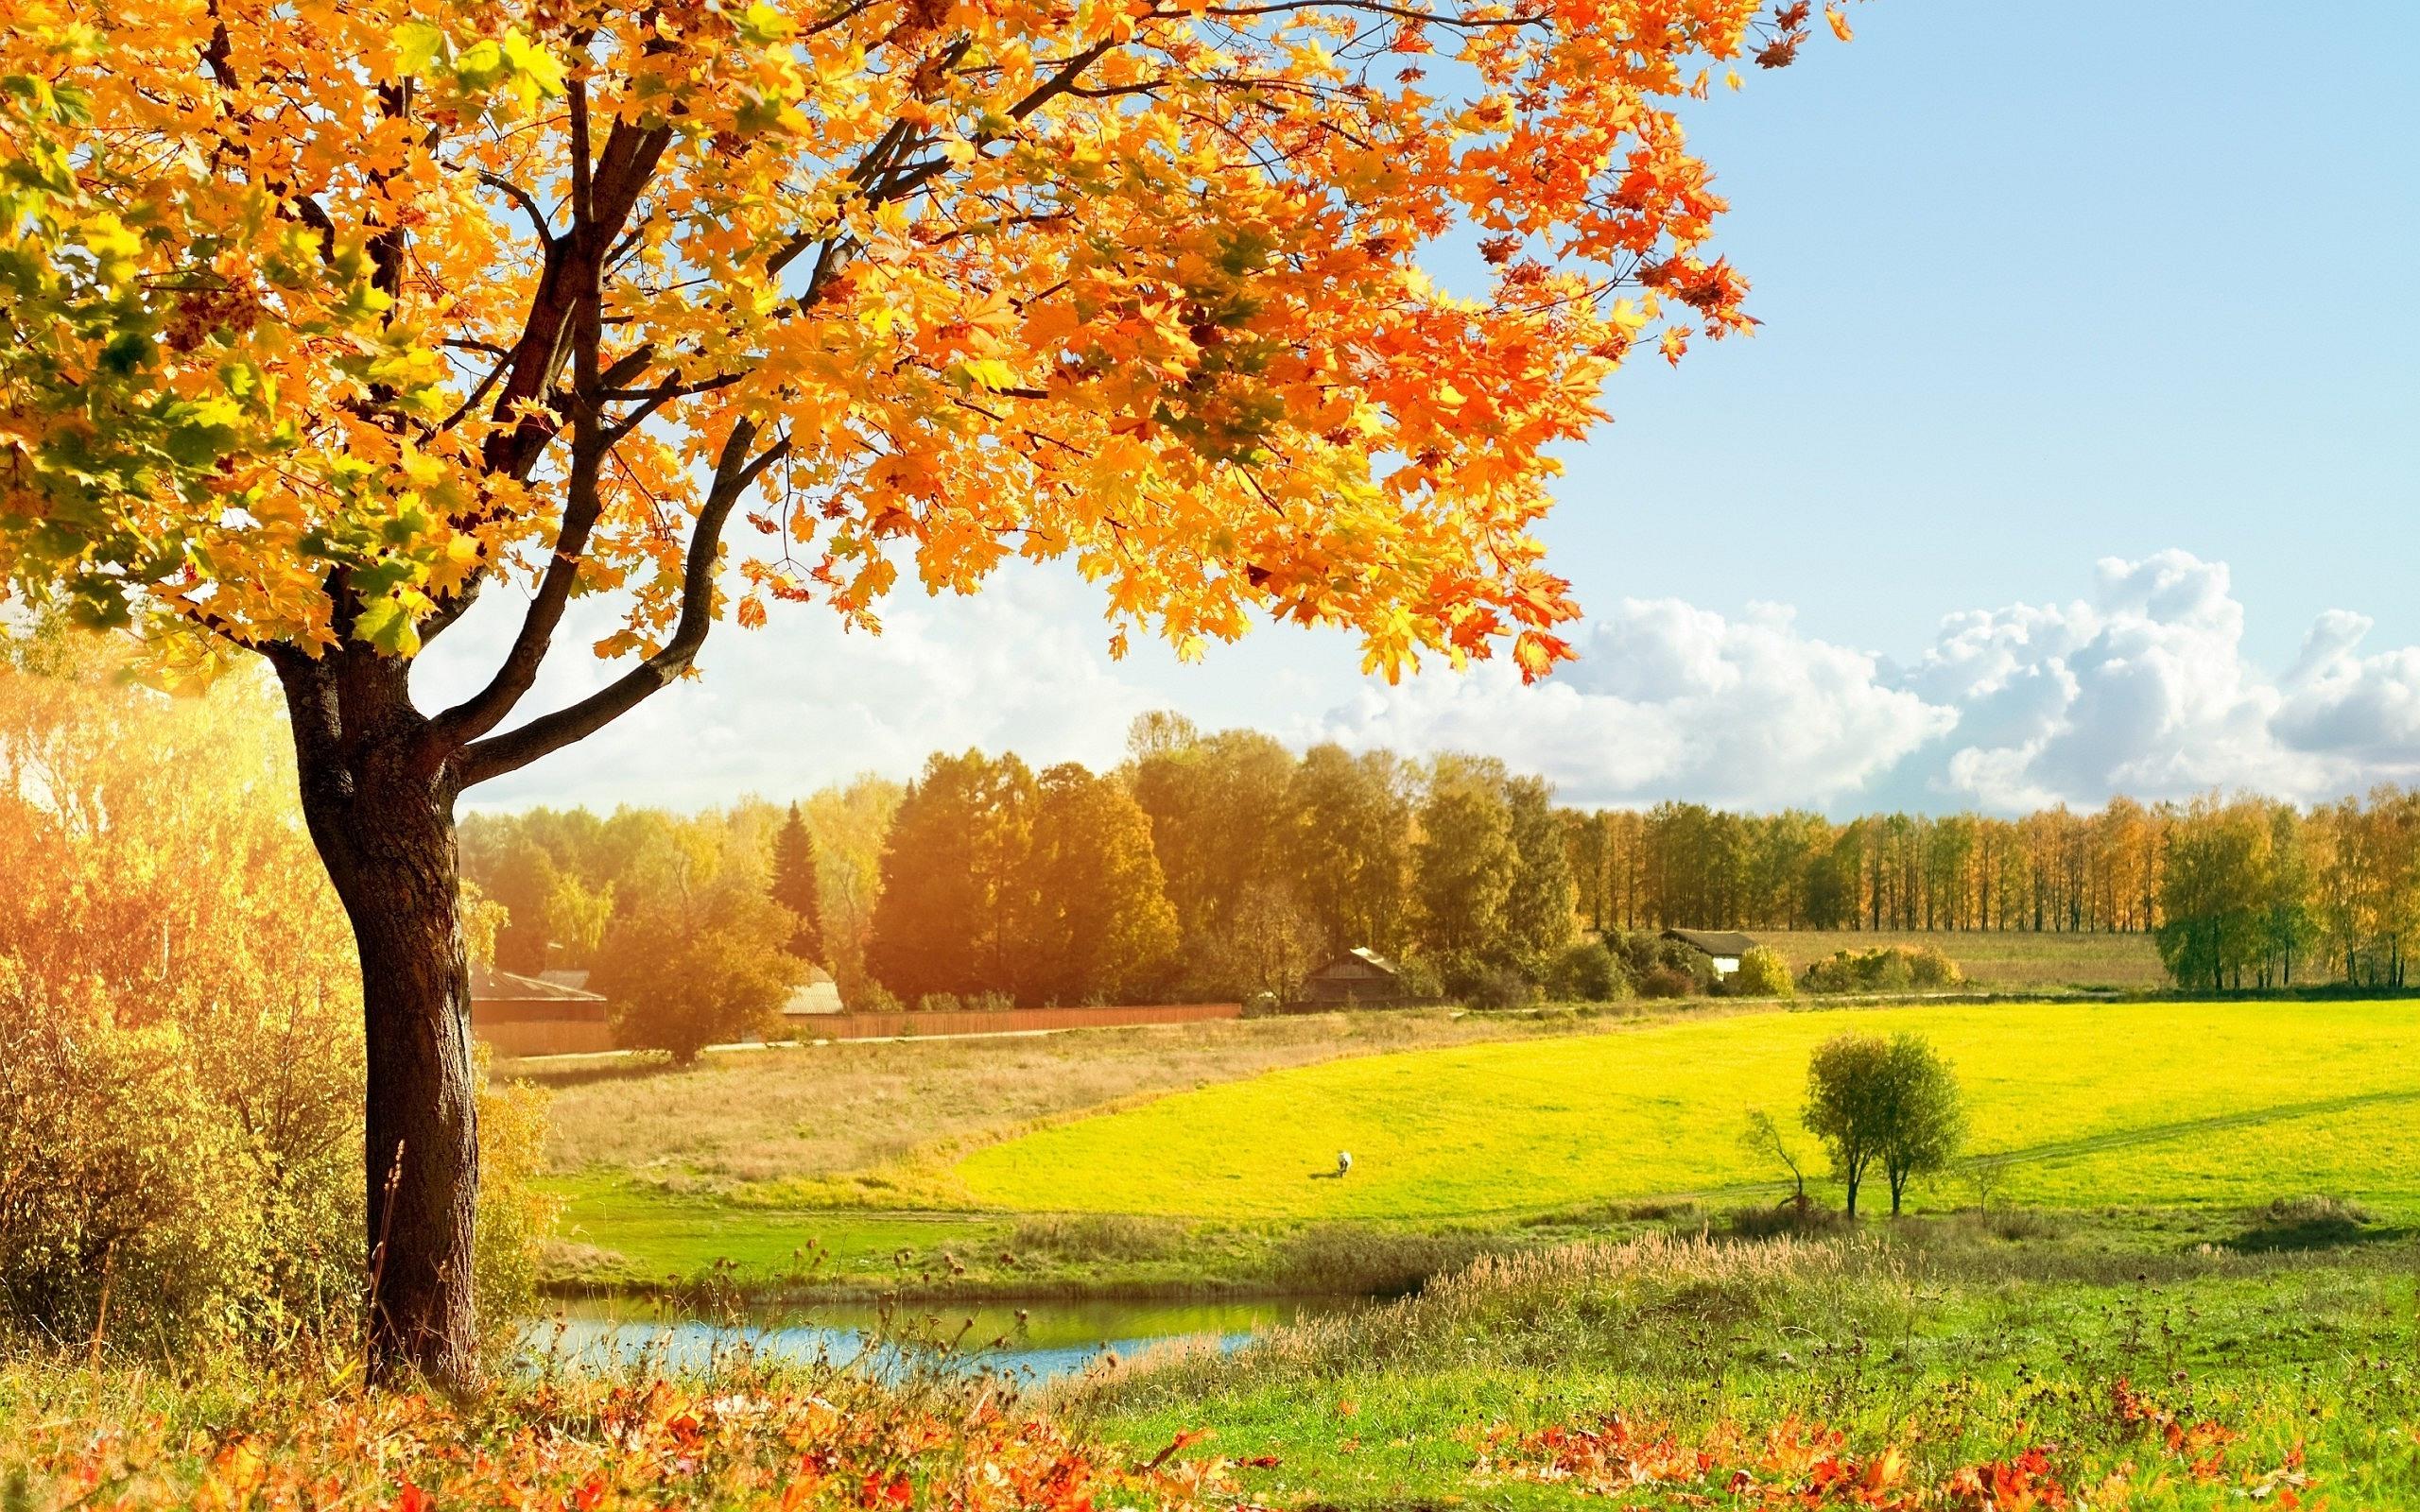 autumn landscape pictures - HD Desktop Wallpapers | 4k HD